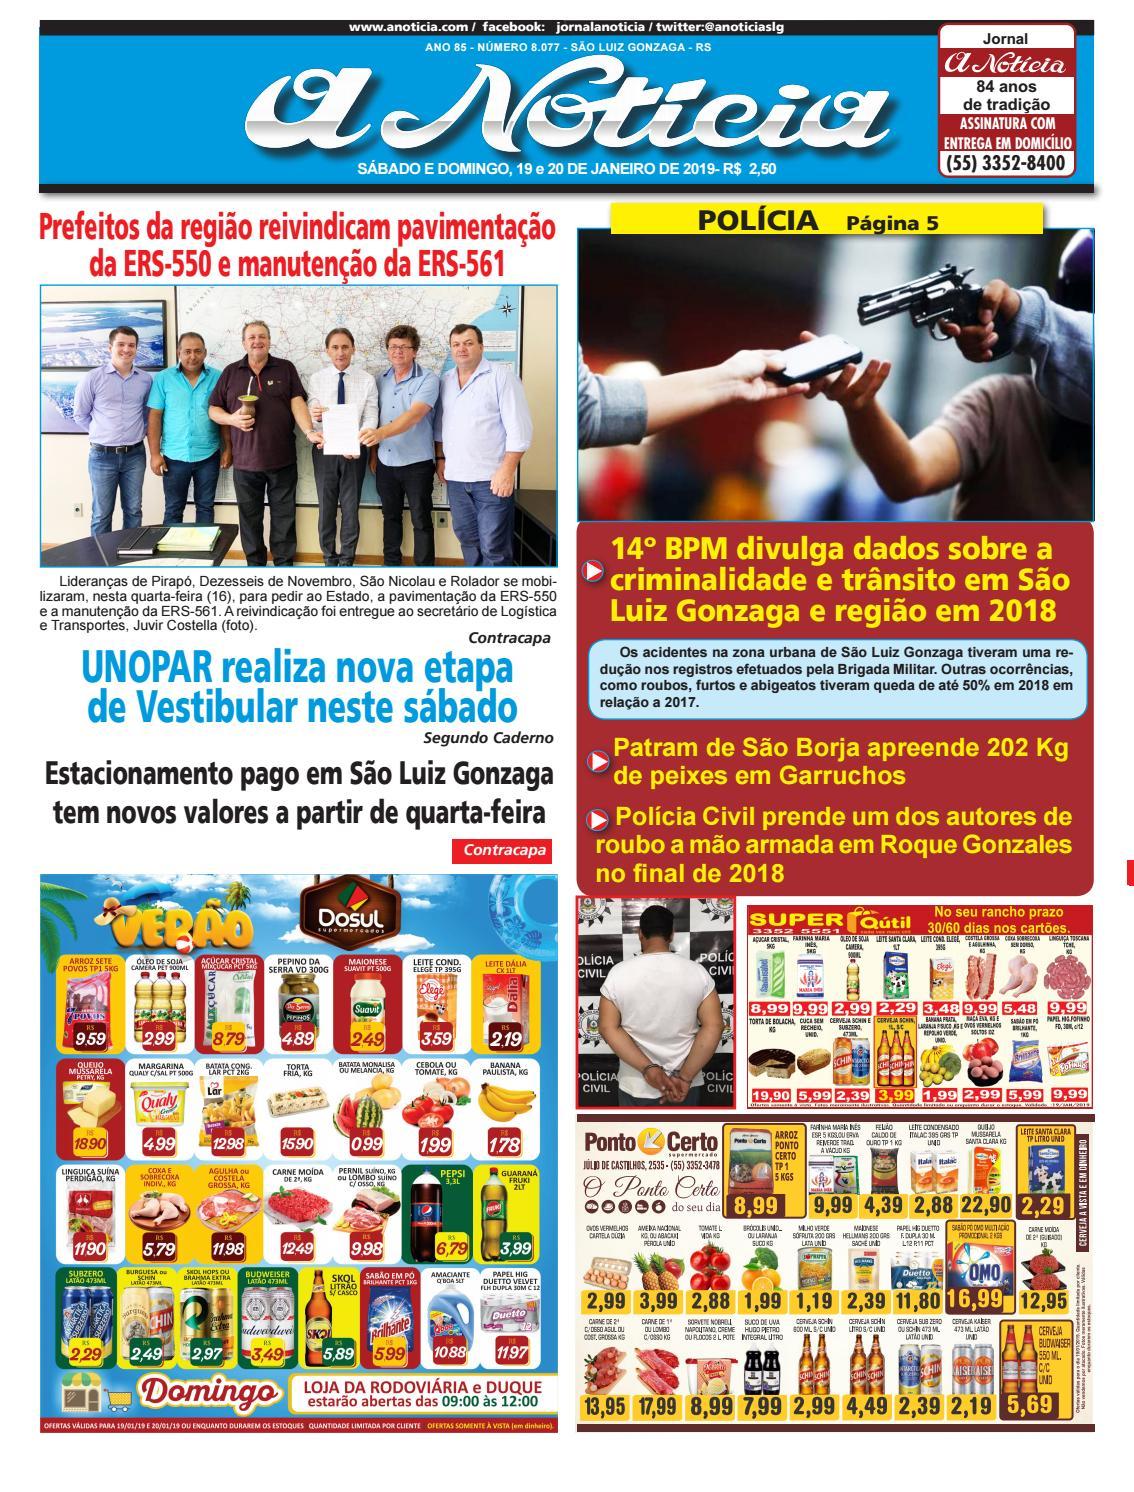 Edição do dia 19 e 20 de janeiro by Jornal A Notícia - issuu b35b42c9af126